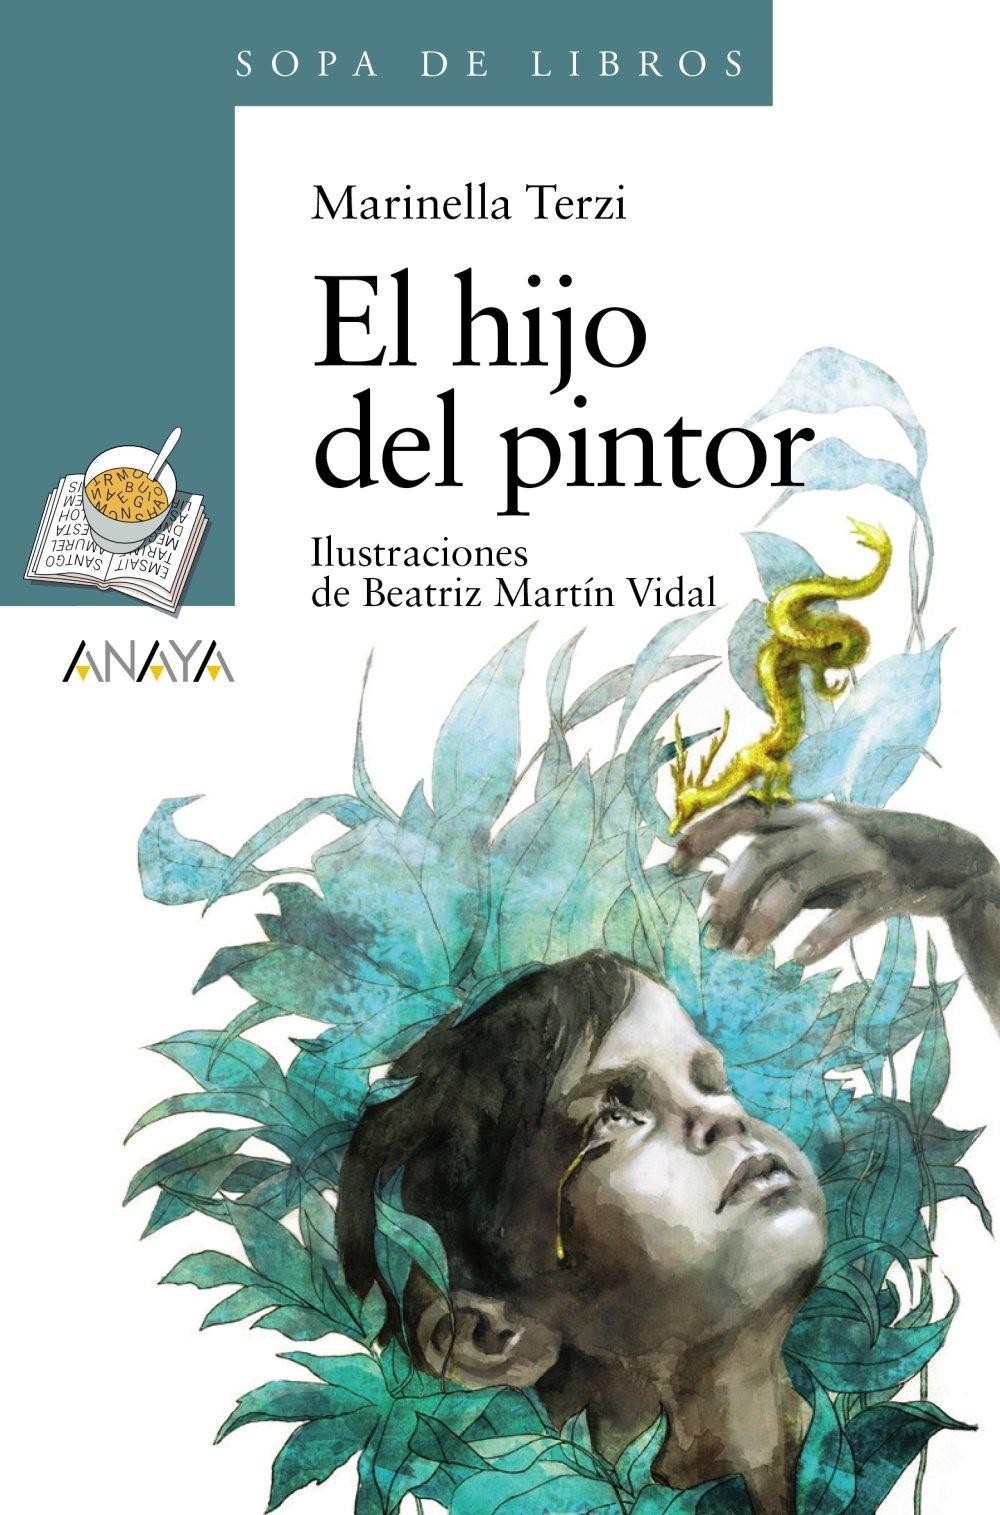 El hijo del pintor (Spanish Edition) (Sopa De Libros) pdf epub